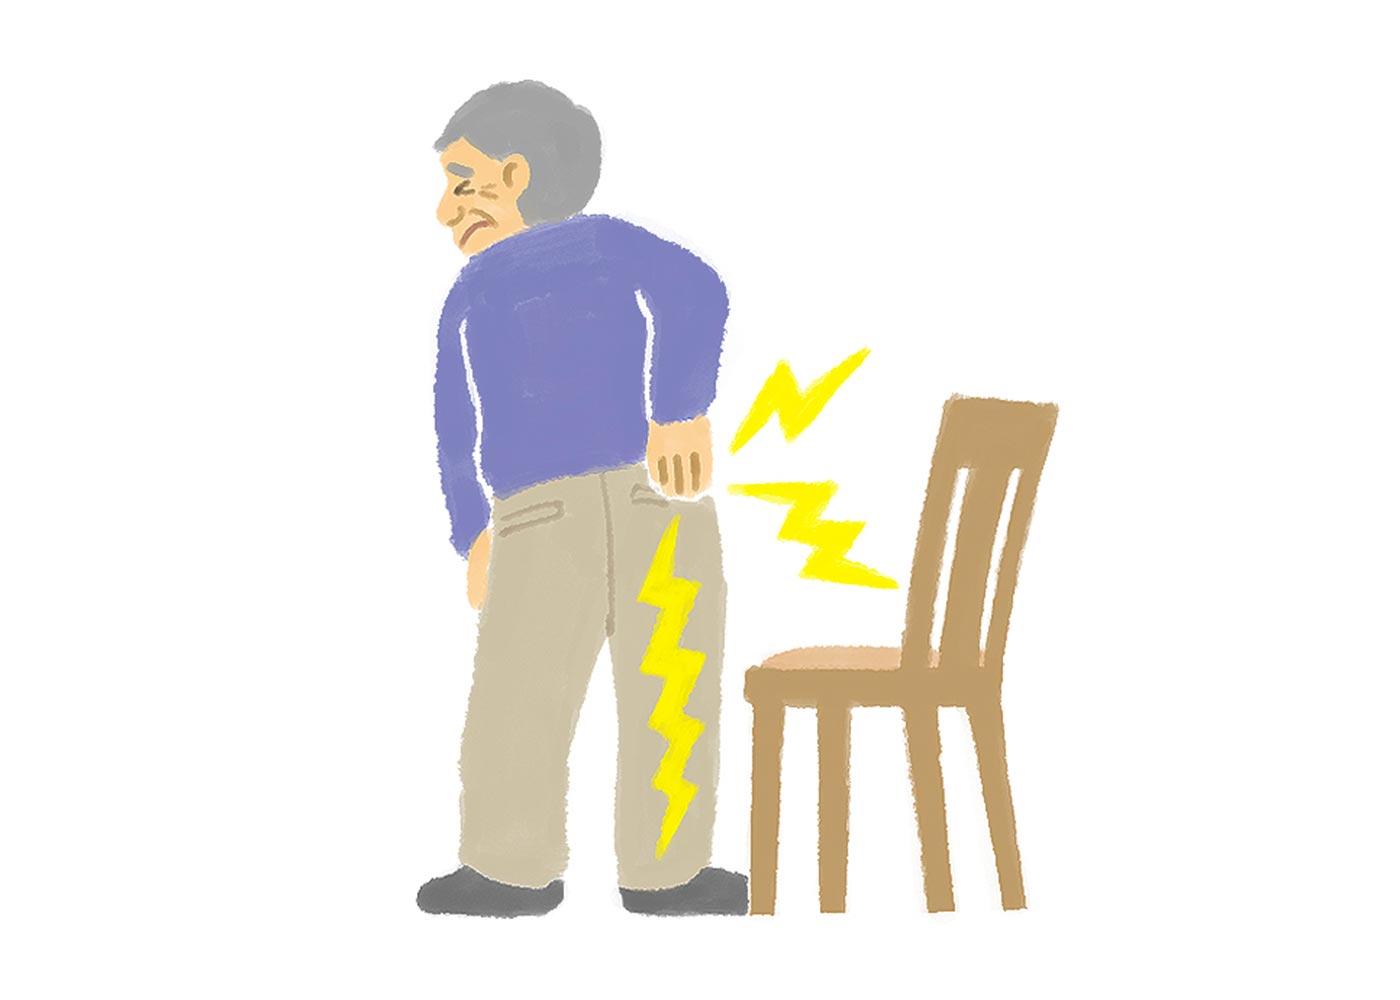 腰痛・神経痛の痛みをにんにく成分がやわらげる